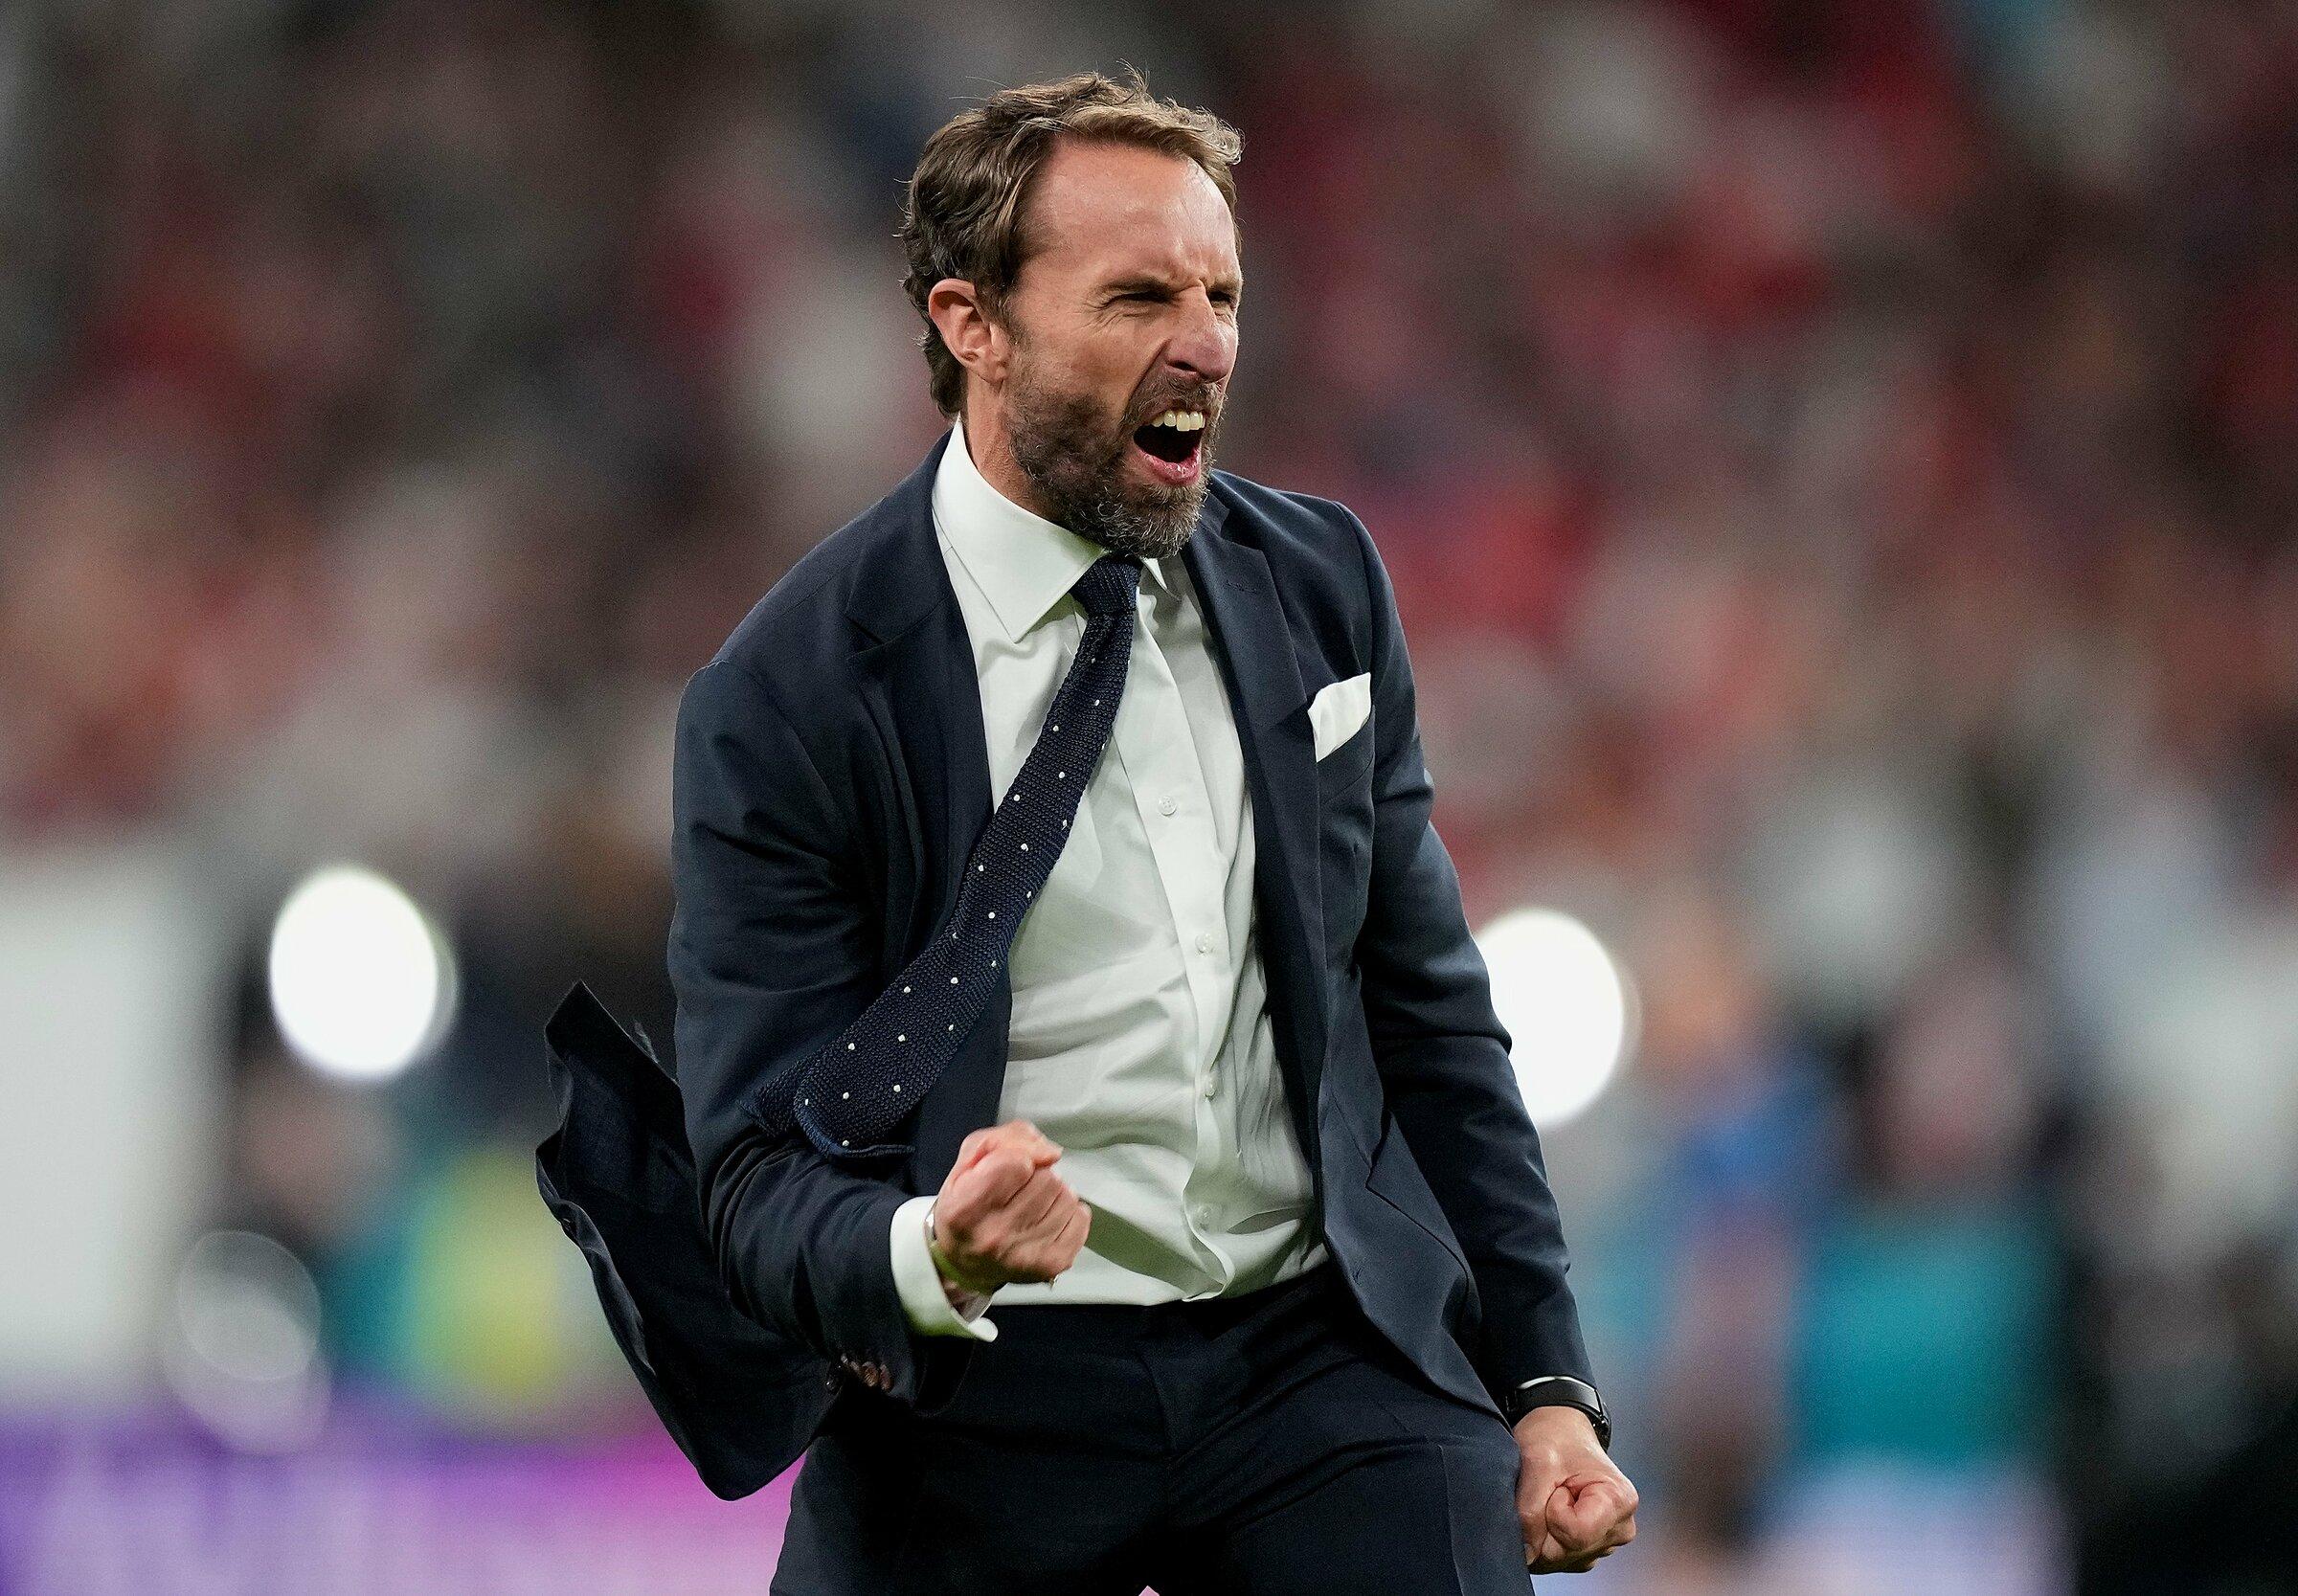 Southgate muốn các học trò nhanh chóng tập trung cho trận chung kết với Italy ngày 11/7. Ảnh: UEFA